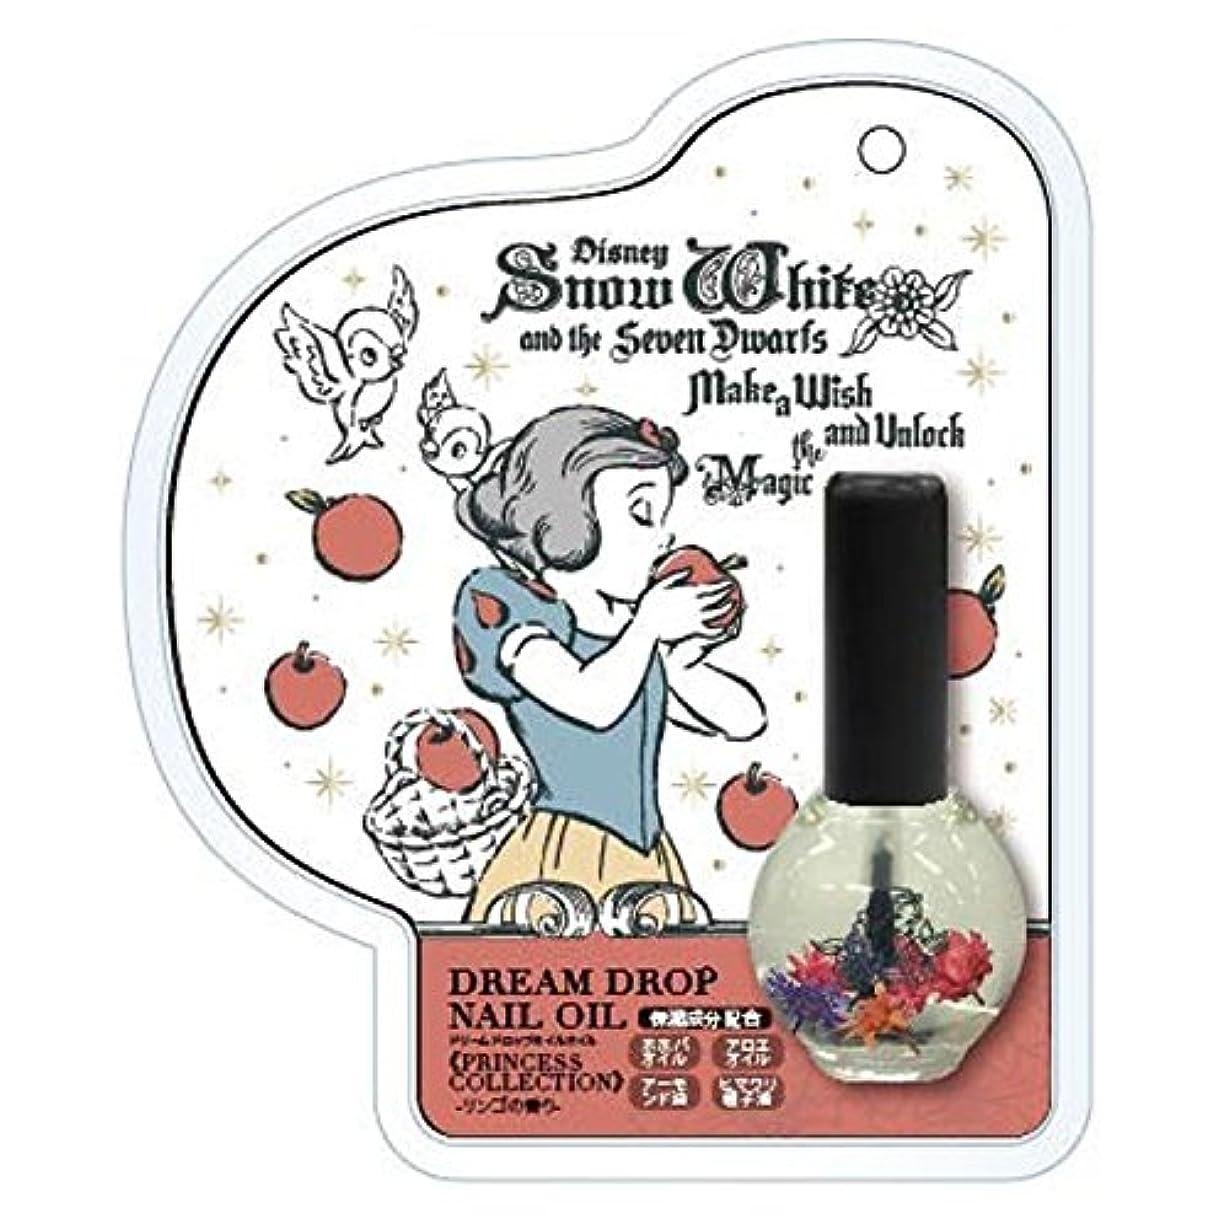 トリクル怖い警告ドリームドロップネイルオイル プリンセスコレクション 白雪姫 -リンゴの香り- DN04752